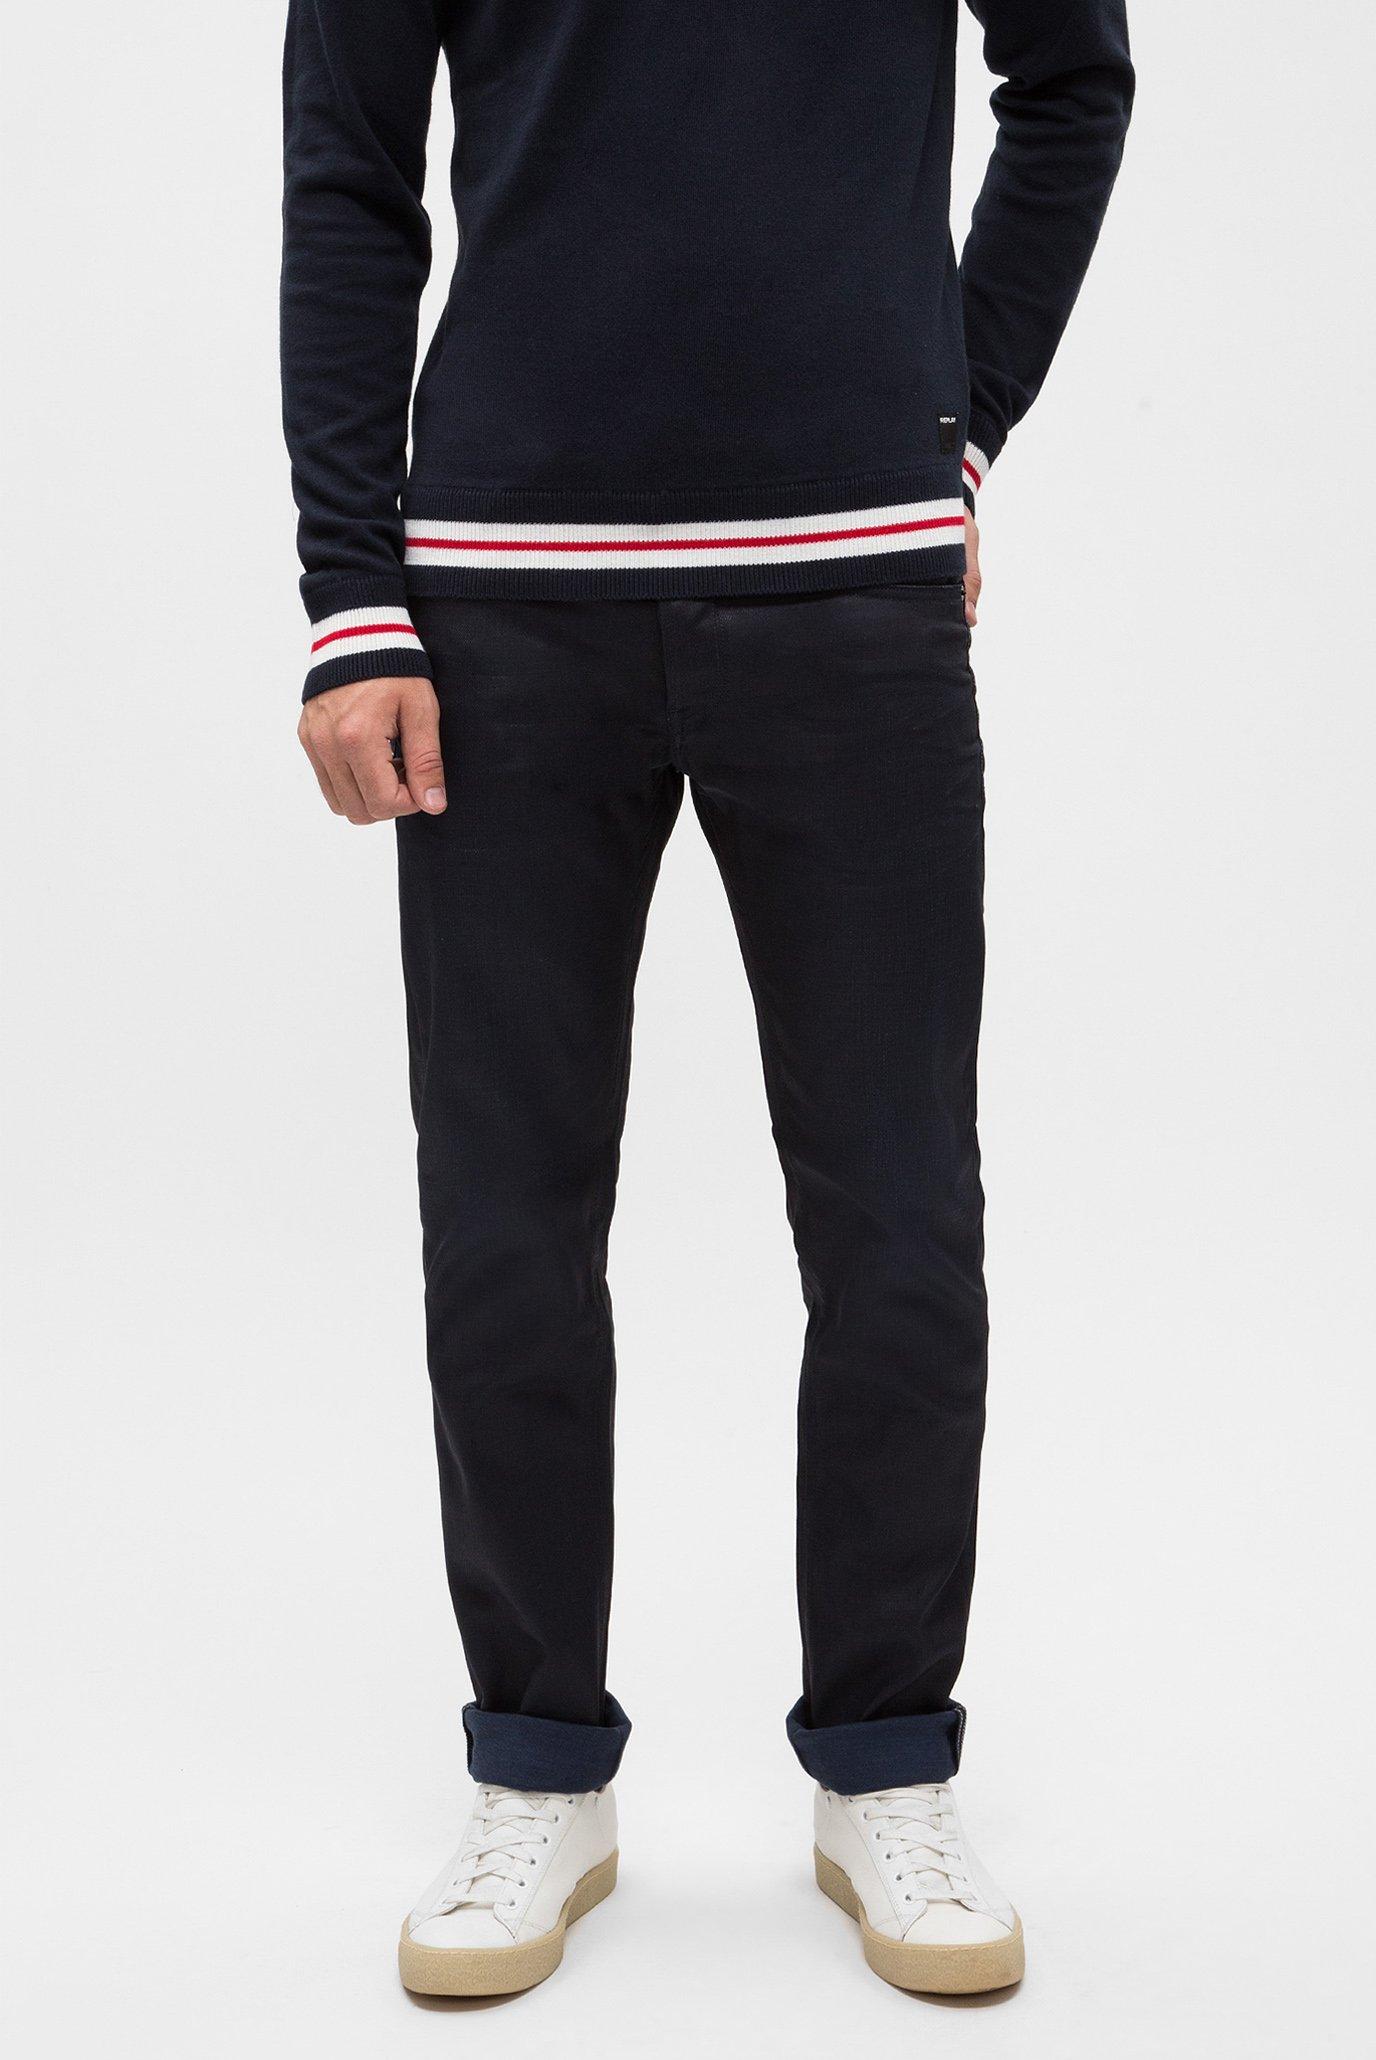 Купить Мужские темно-синие джинсы GROVER Replay Replay MA972 .000.25A 312 – Киев, Украина. Цены в интернет магазине MD Fashion